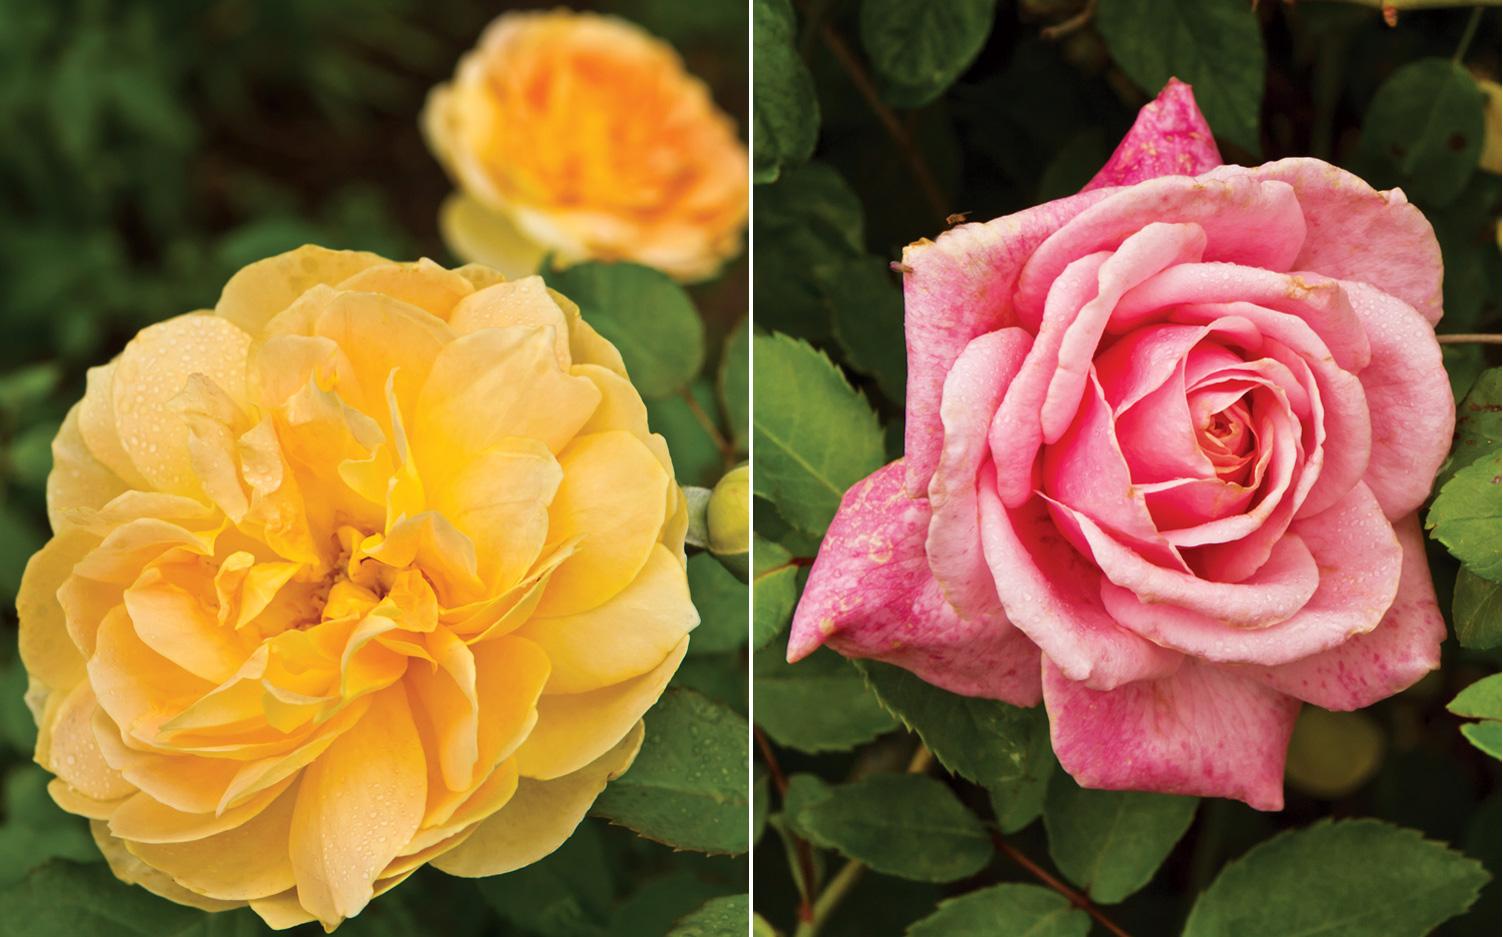 A picture of the Antique Rose Emporium